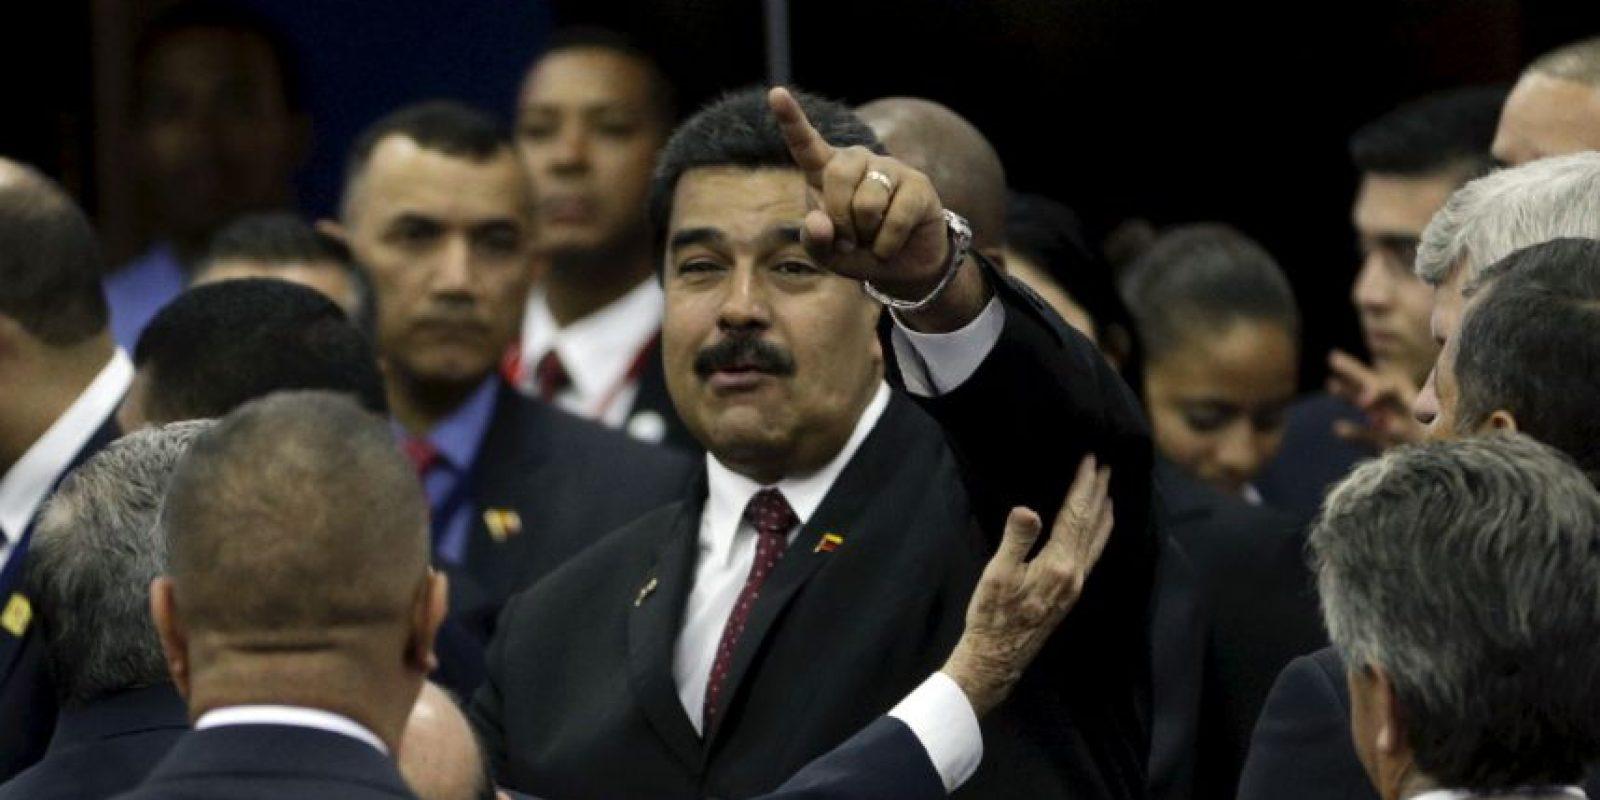 Ya hace más de un año que López es preso político, bajo el régimen de Nicolás Maduro. Foto:AFP